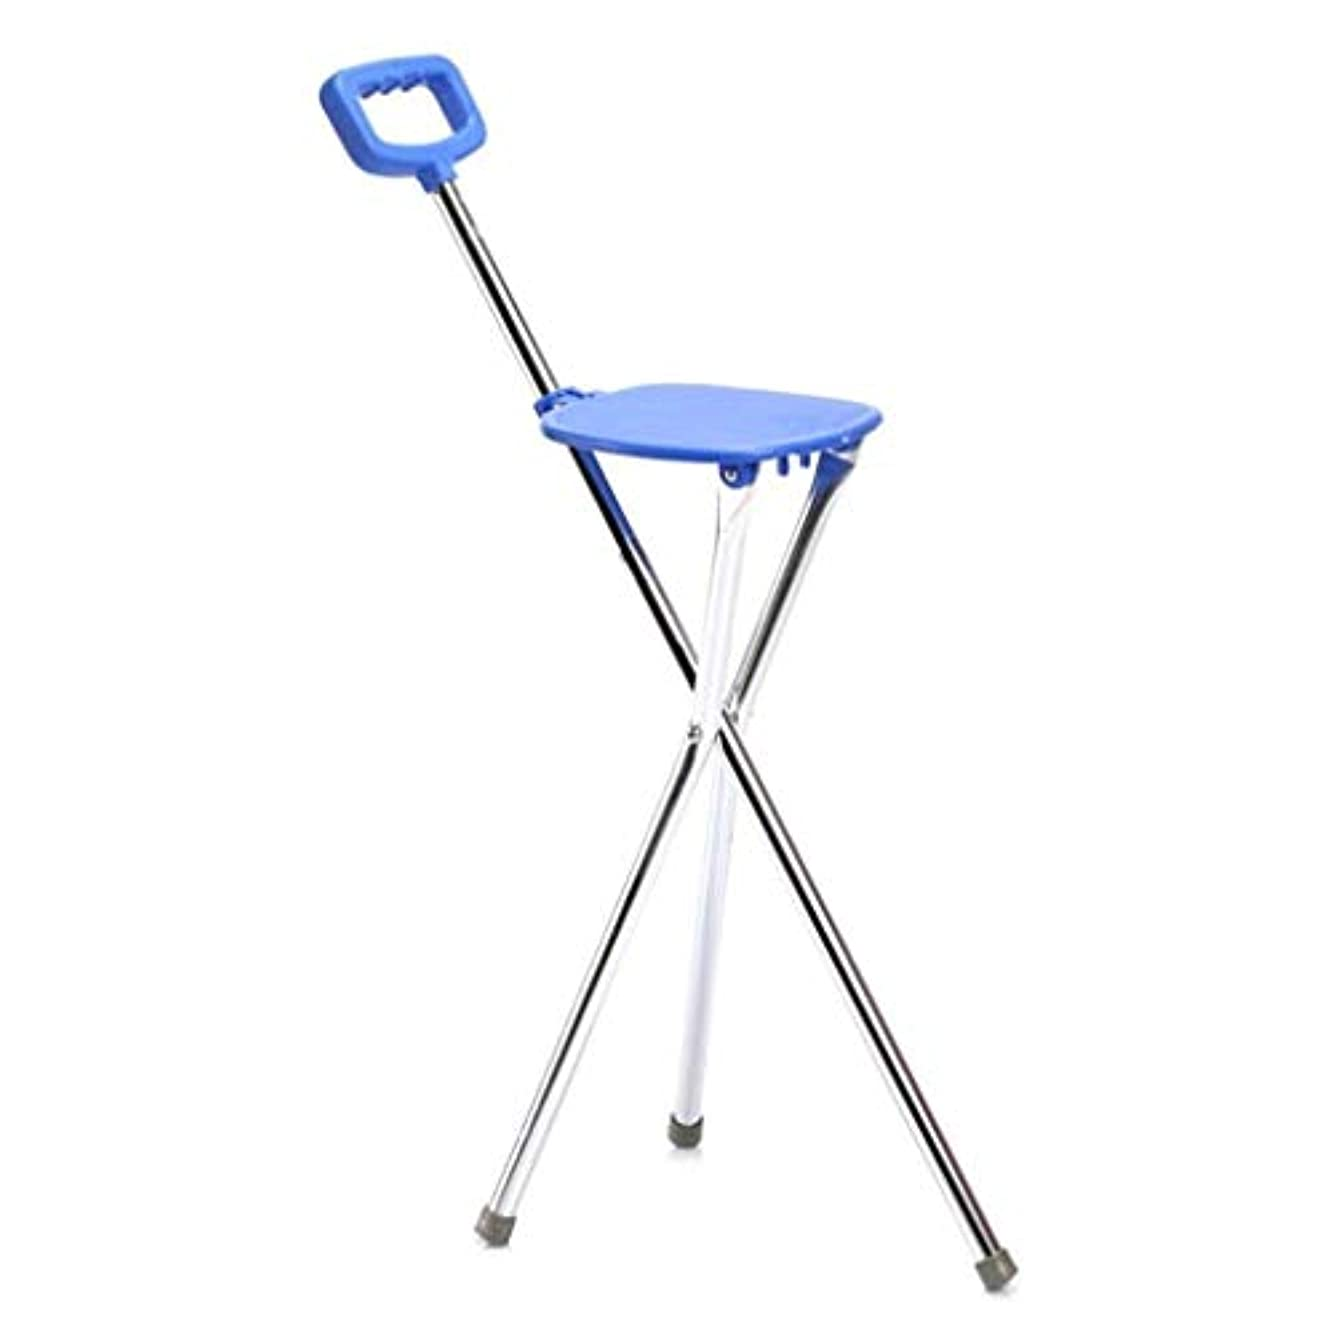 予定聞く優越杖折りたたみスツール高さ調節可能な滑り止め高齢者旅行松葉杖医療リハビリテーション松葉杖